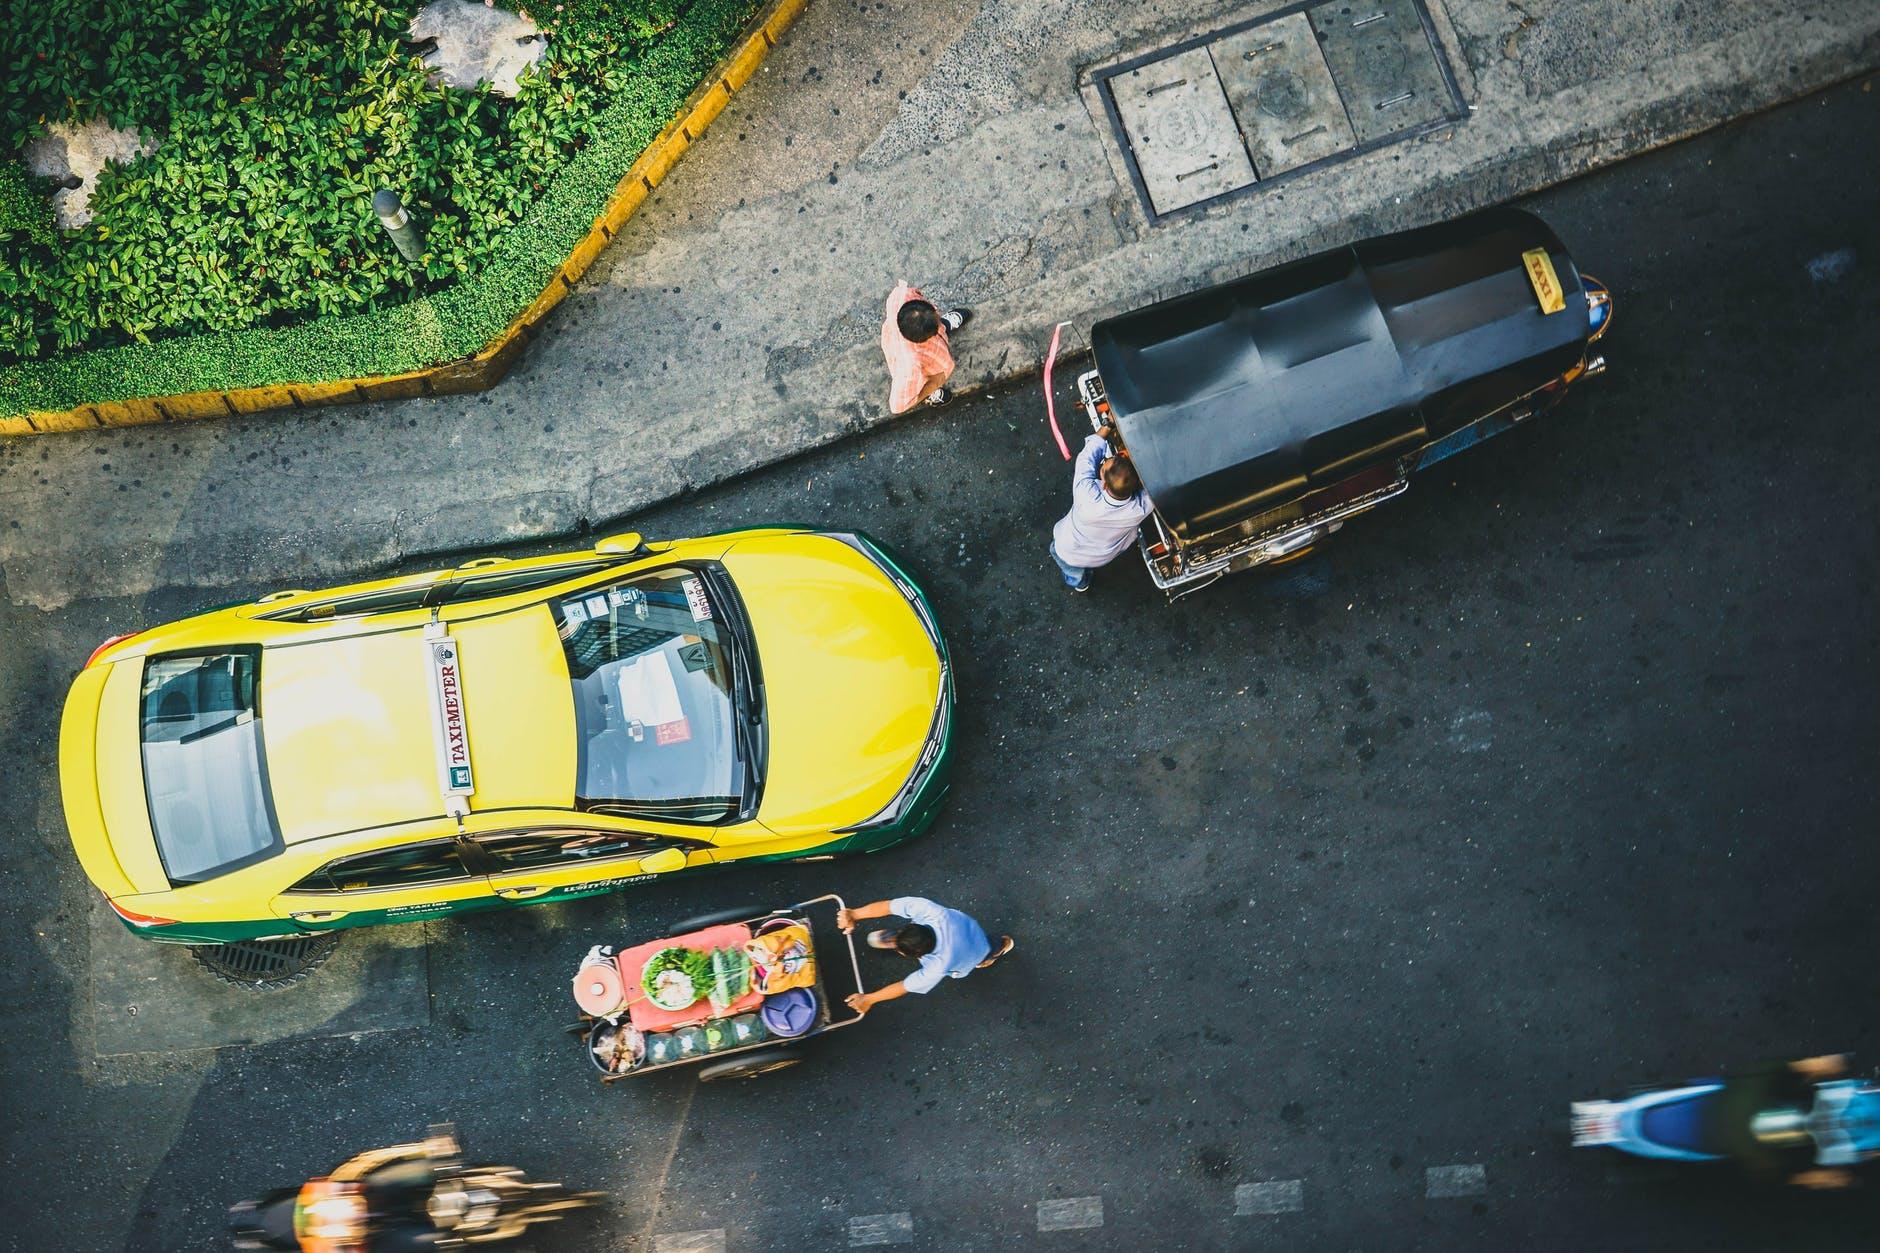 全球网约车鼻祖Uber优步为什么不受华尔街待见?